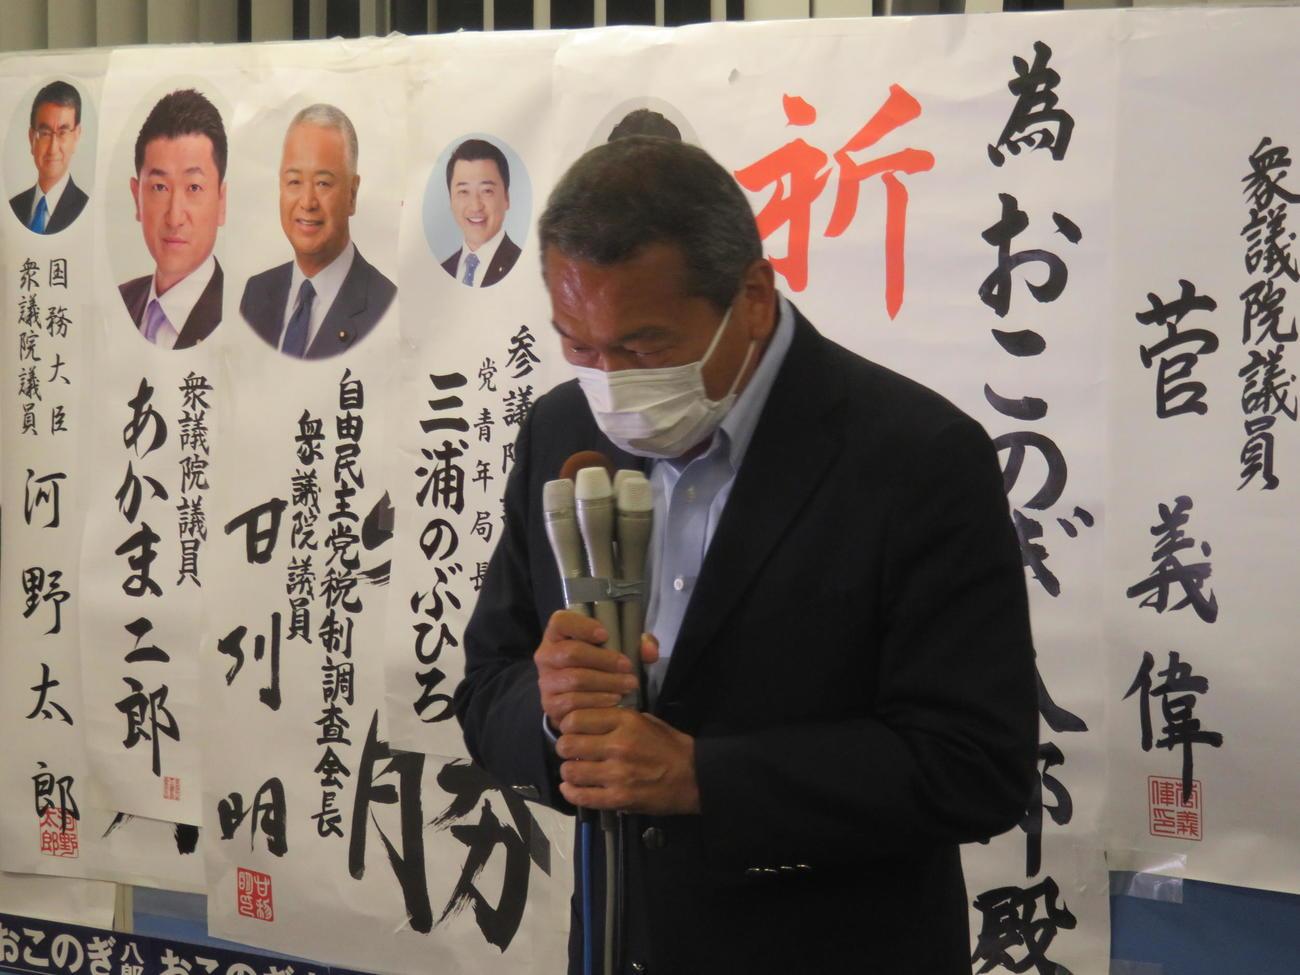 菅首相から贈られた為書きの前で頭を下げる小此木八郎氏。政界を引退することを明らかにした